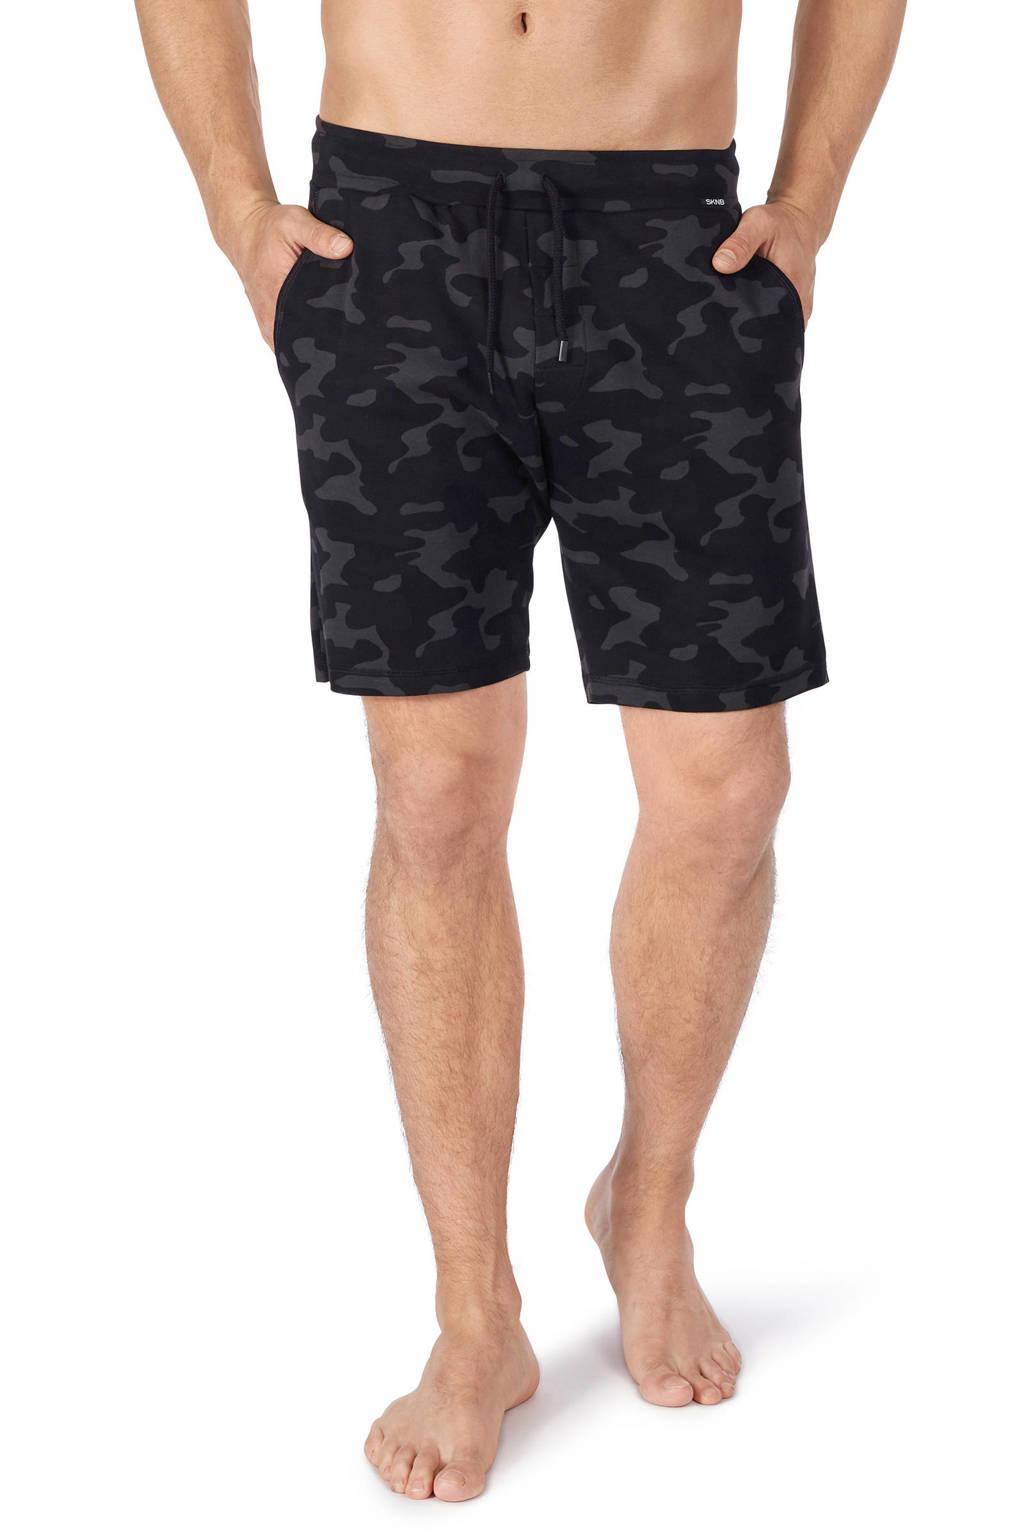 SKINY sweatshort met camouflageprint zwart/grijs, Zwart/grijs